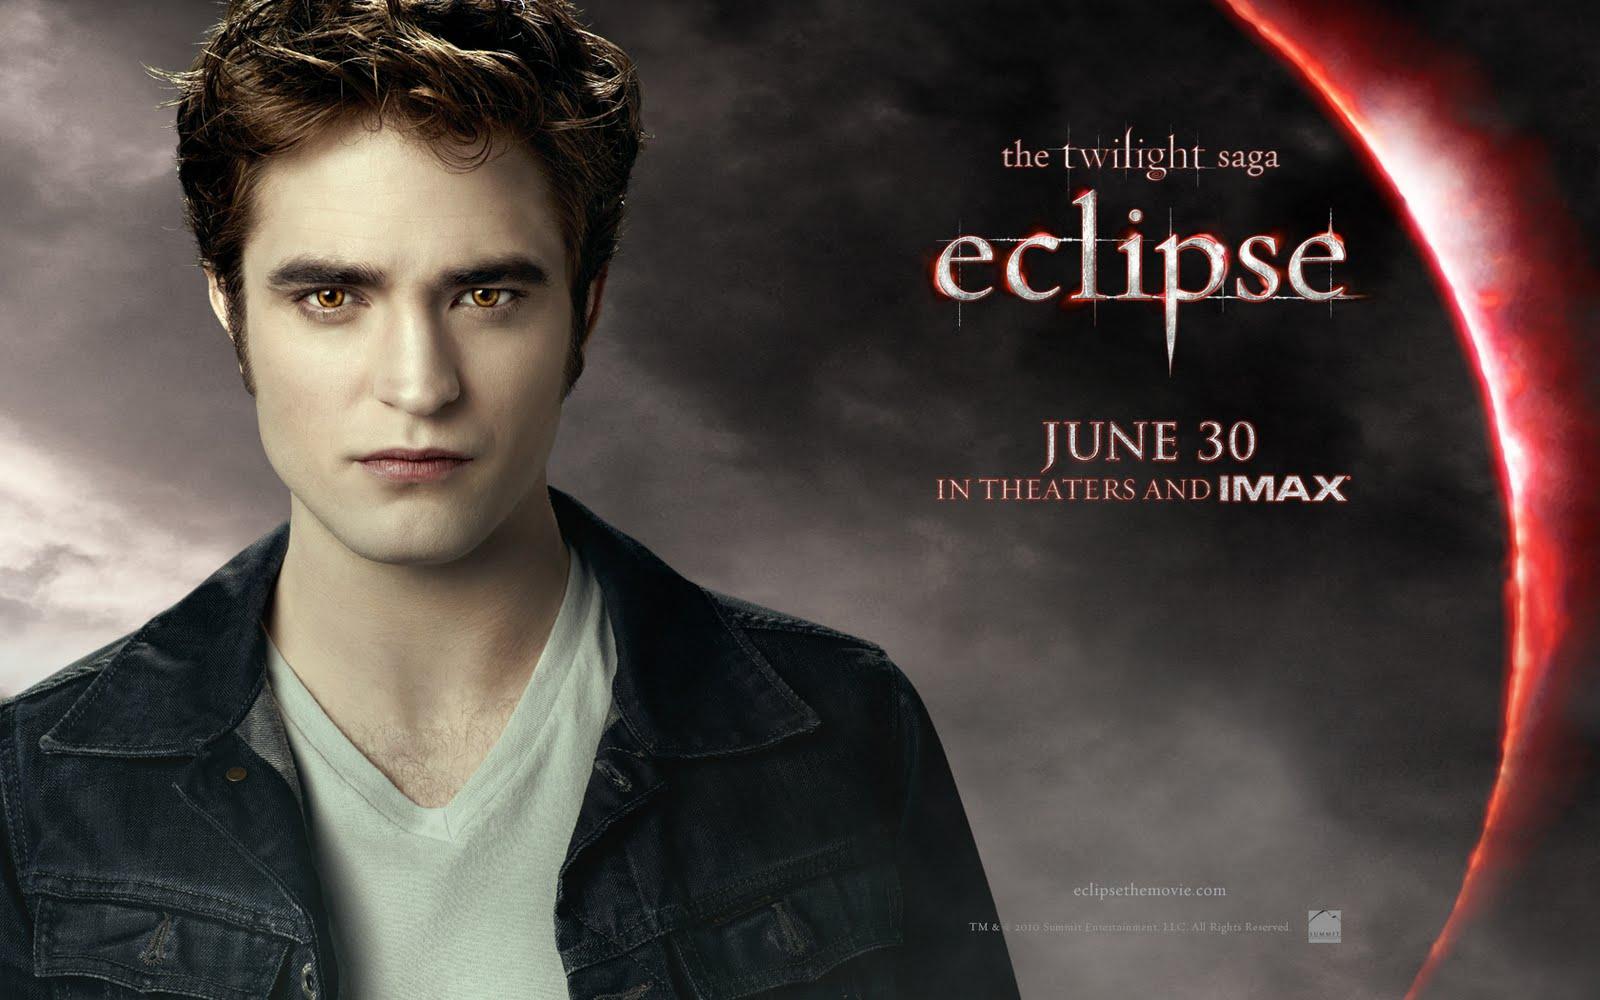 http://3.bp.blogspot.com/_ql_Ghtviquk/S-cZpovPJwI/AAAAAAAAAG4/u-icCdEOB1k/s1600/Edward_eclipse_wallpaper.jpg